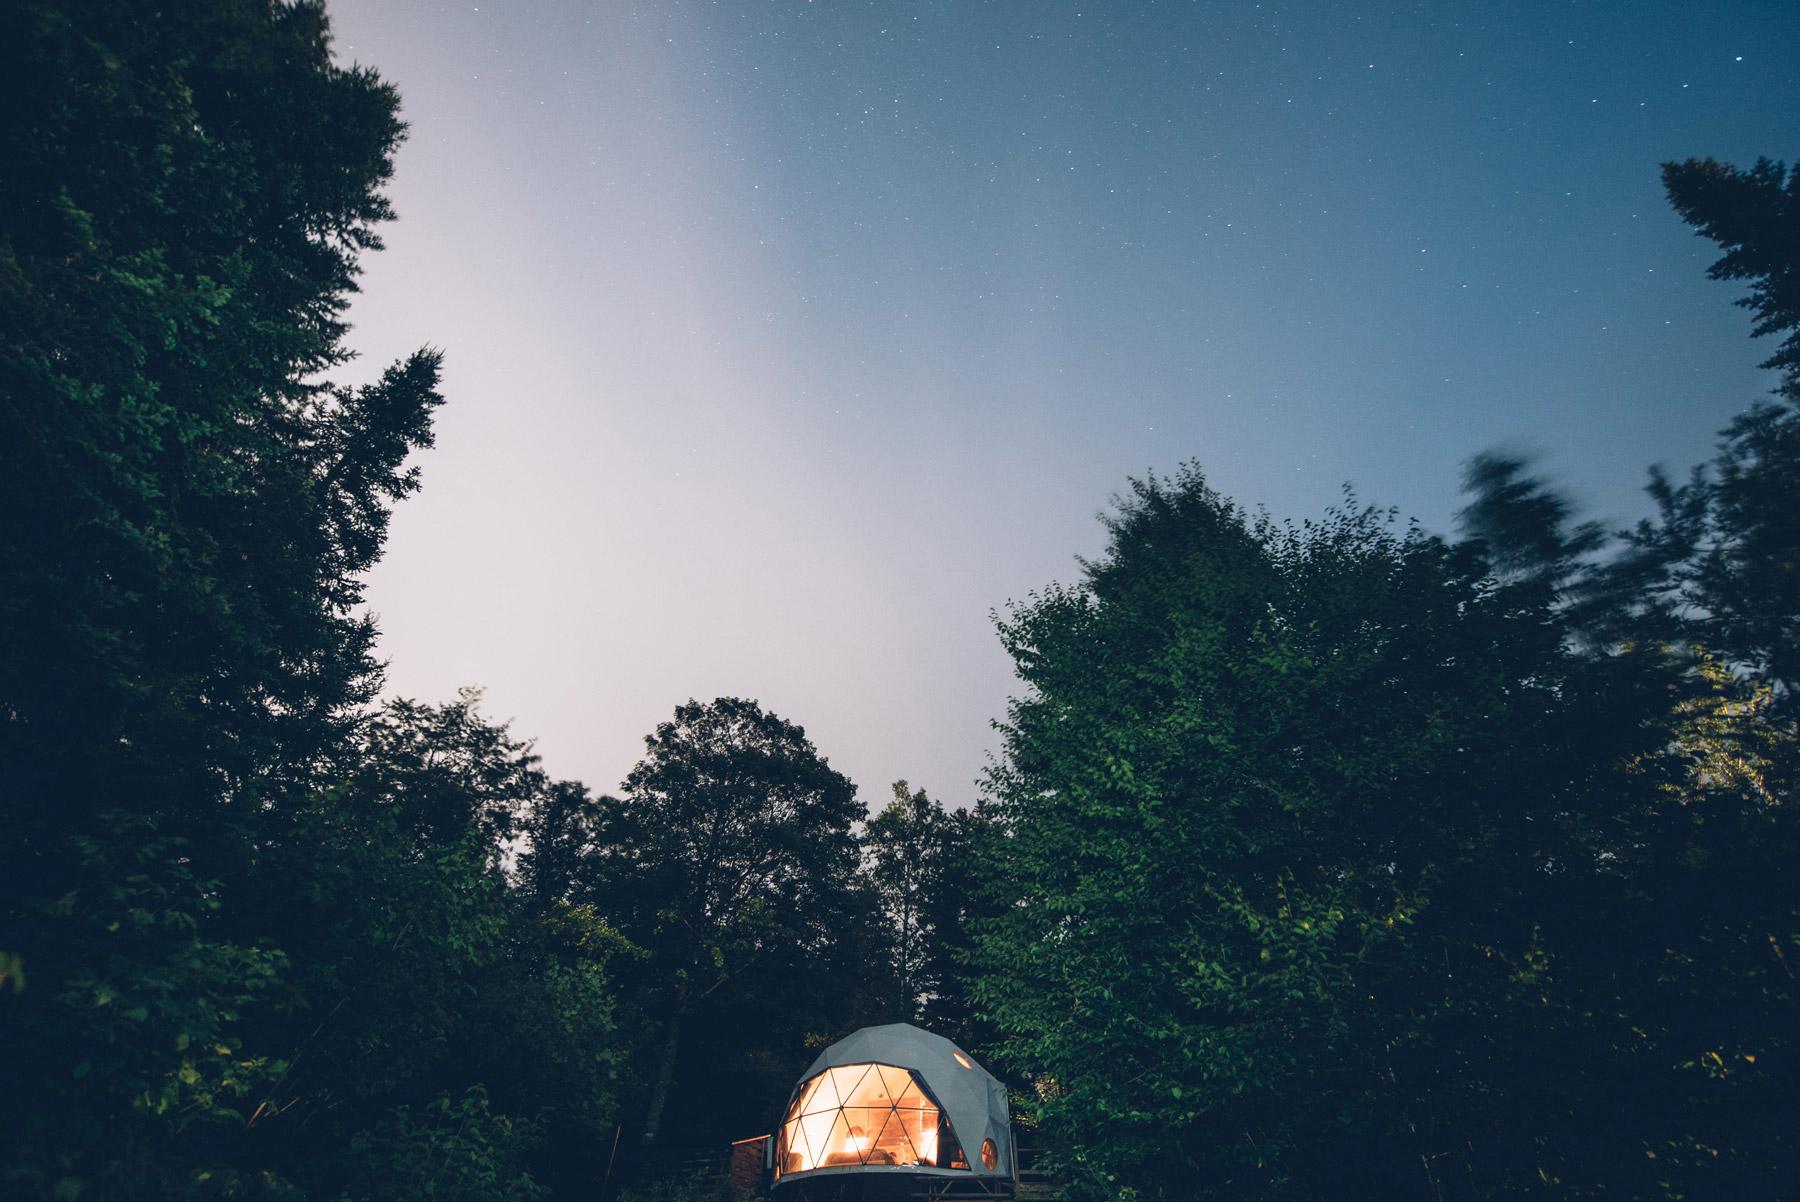 Dormir dans un dome sous les étoiles au Canada